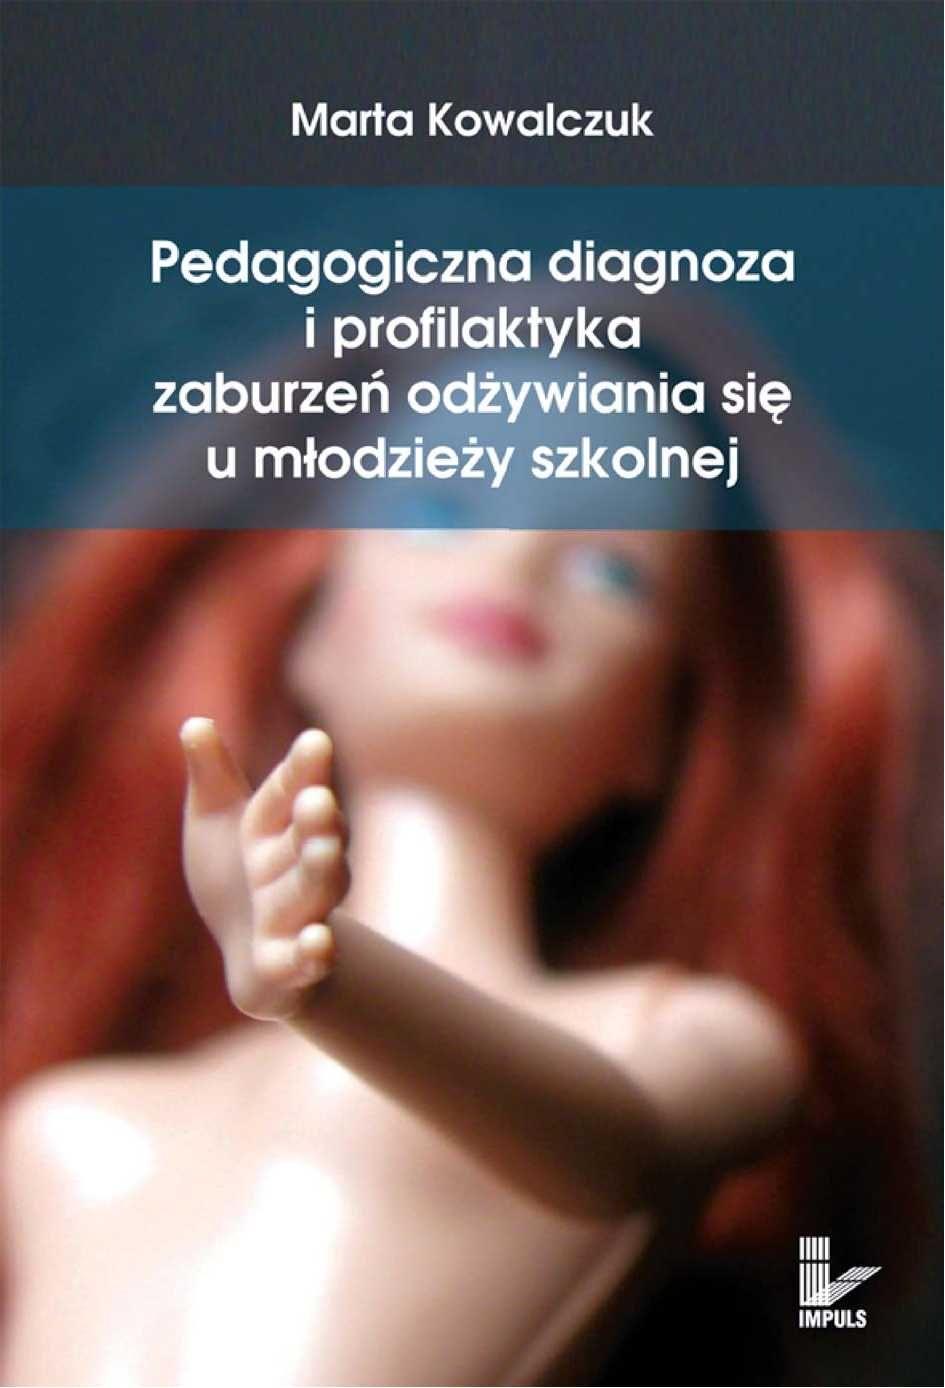 Pedagogiczna diagnoza i profilaktyka zaburzeń odżywiania się u młodzieży szkolnej - Ebook (Książka PDF) do pobrania w formacie PDF